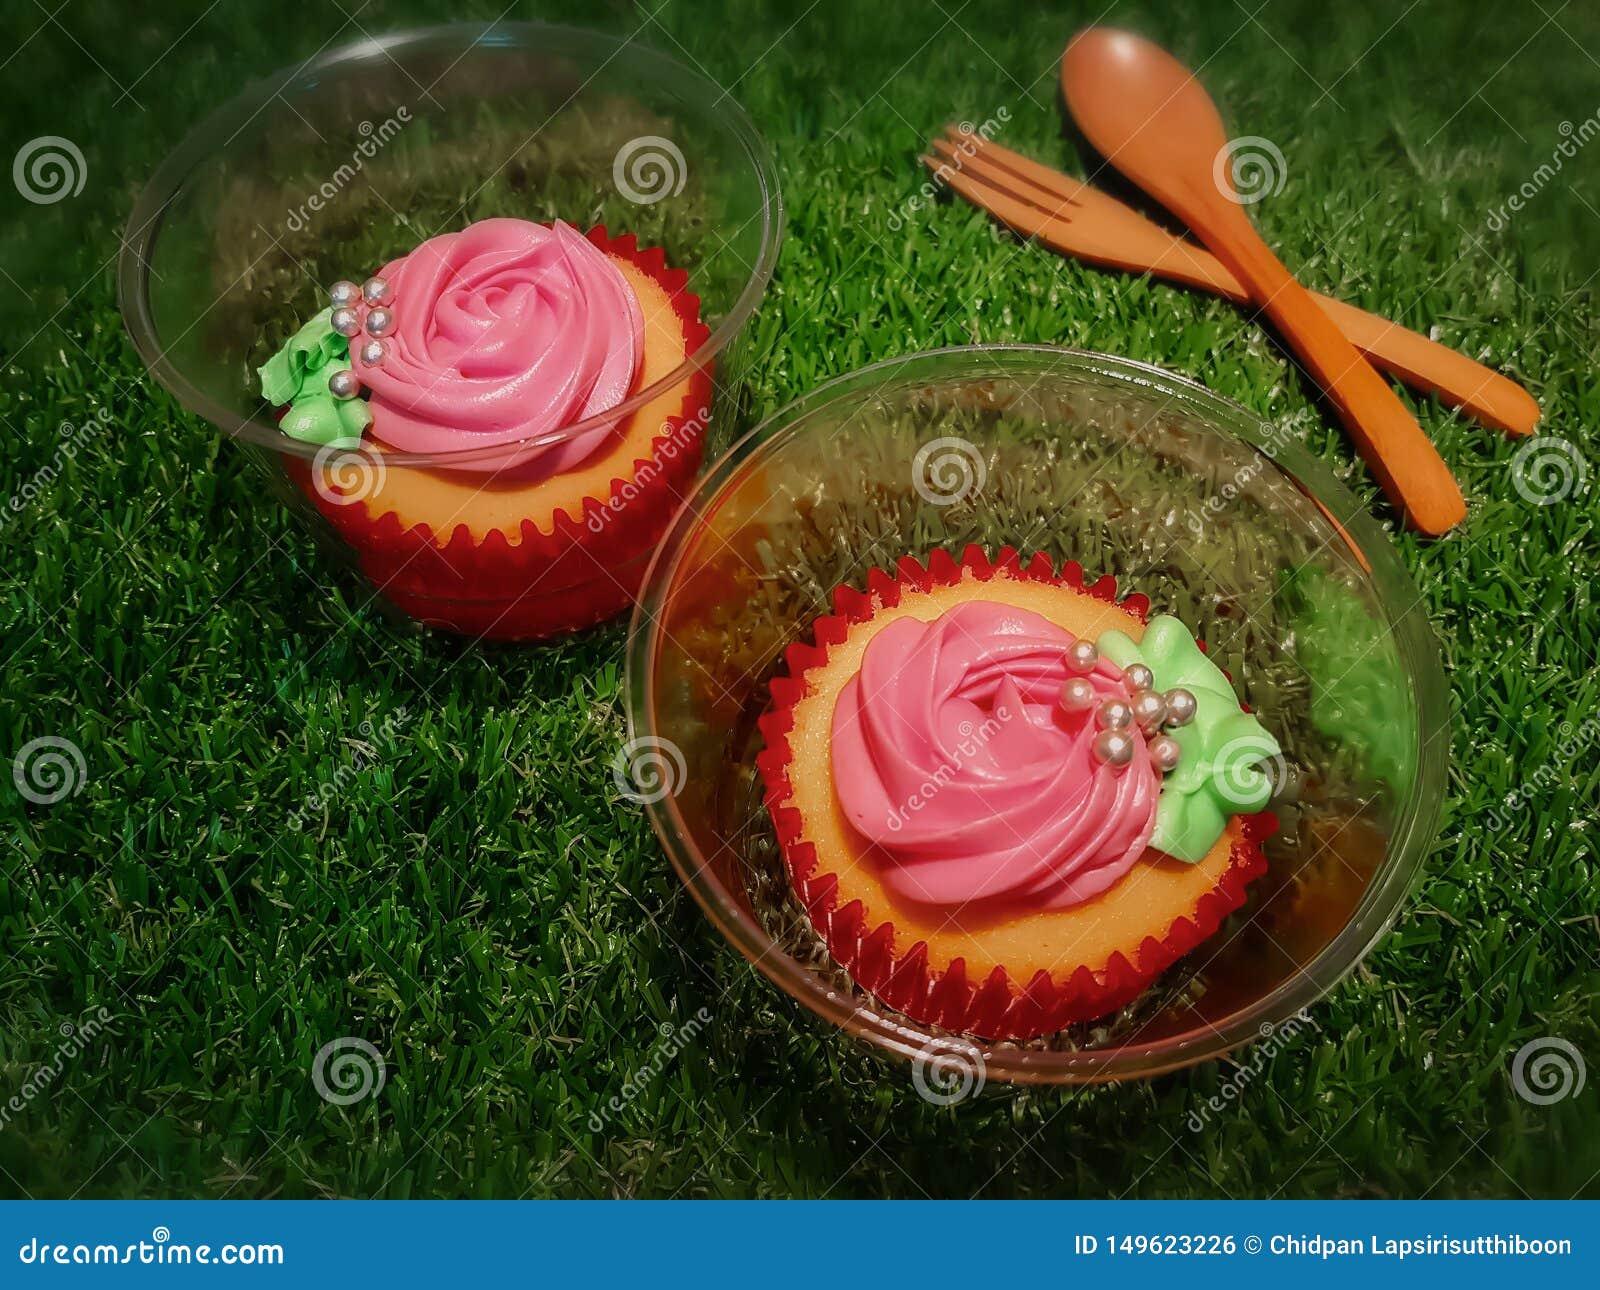 Les petits g?teaux de vanille dans des tasses de papier rouges et des tasses en plastique claires ont d?cor? des roses roses cr?m